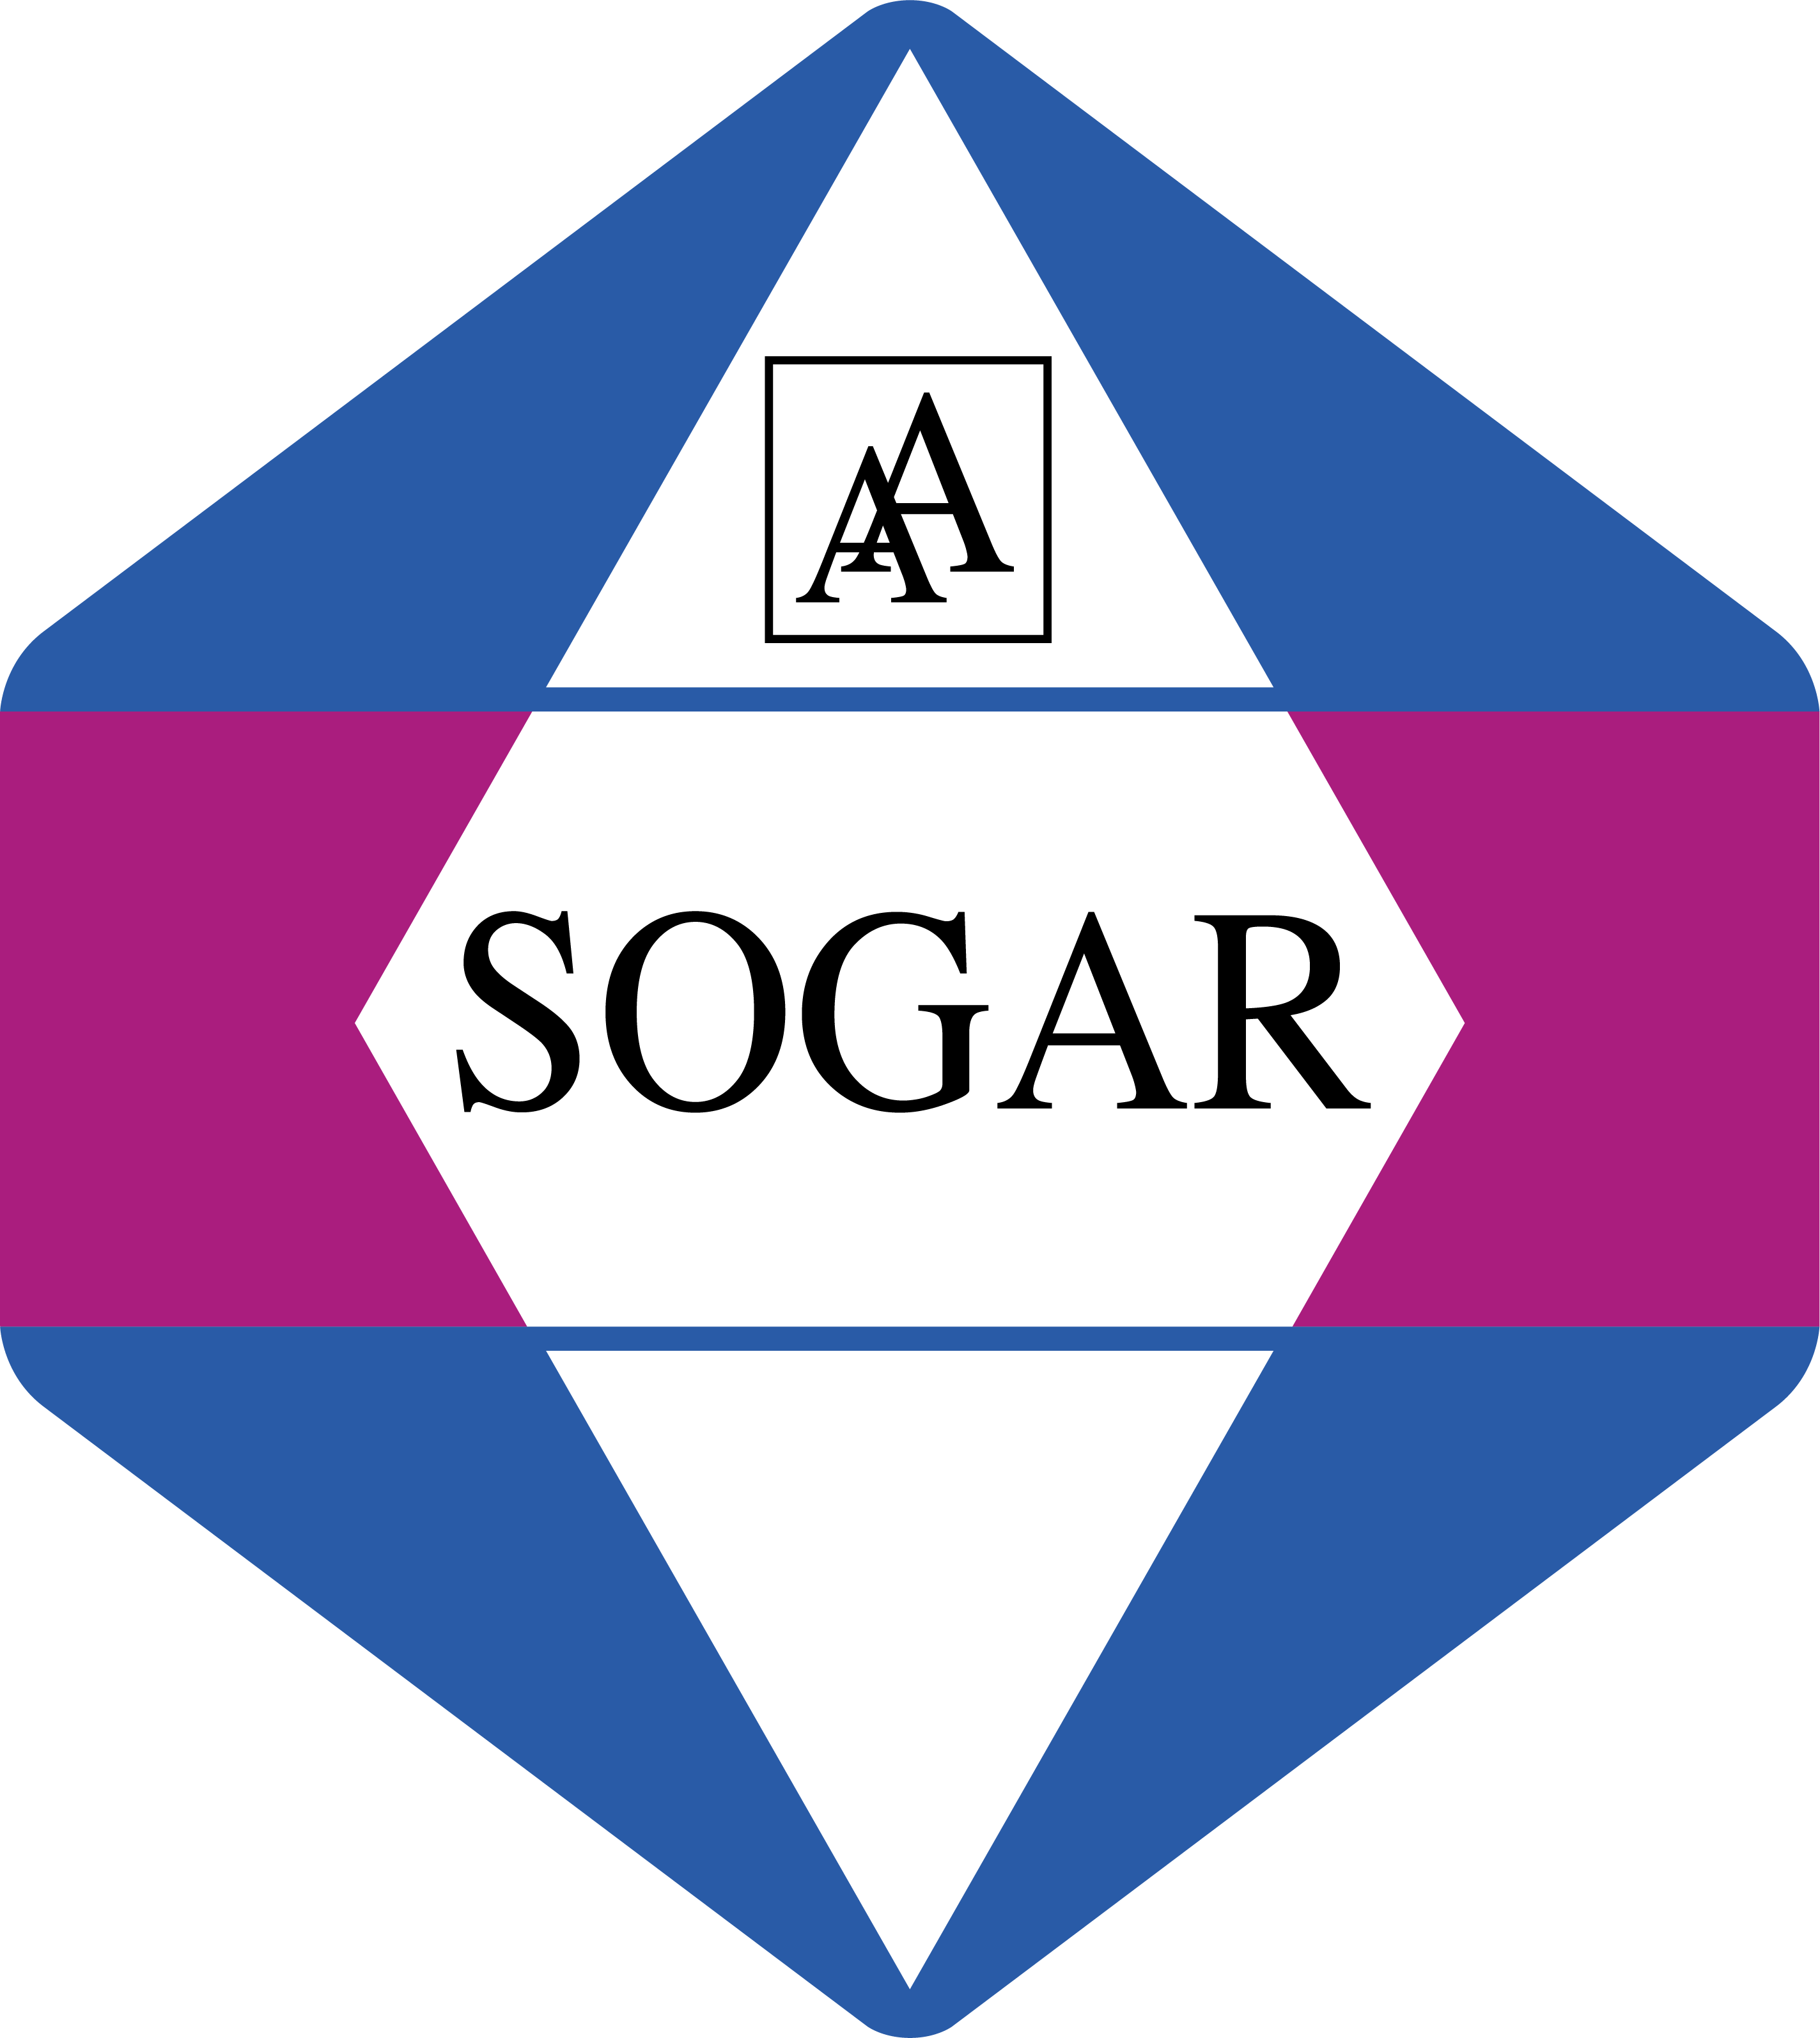 Logo Audit Aquitaine Sogar